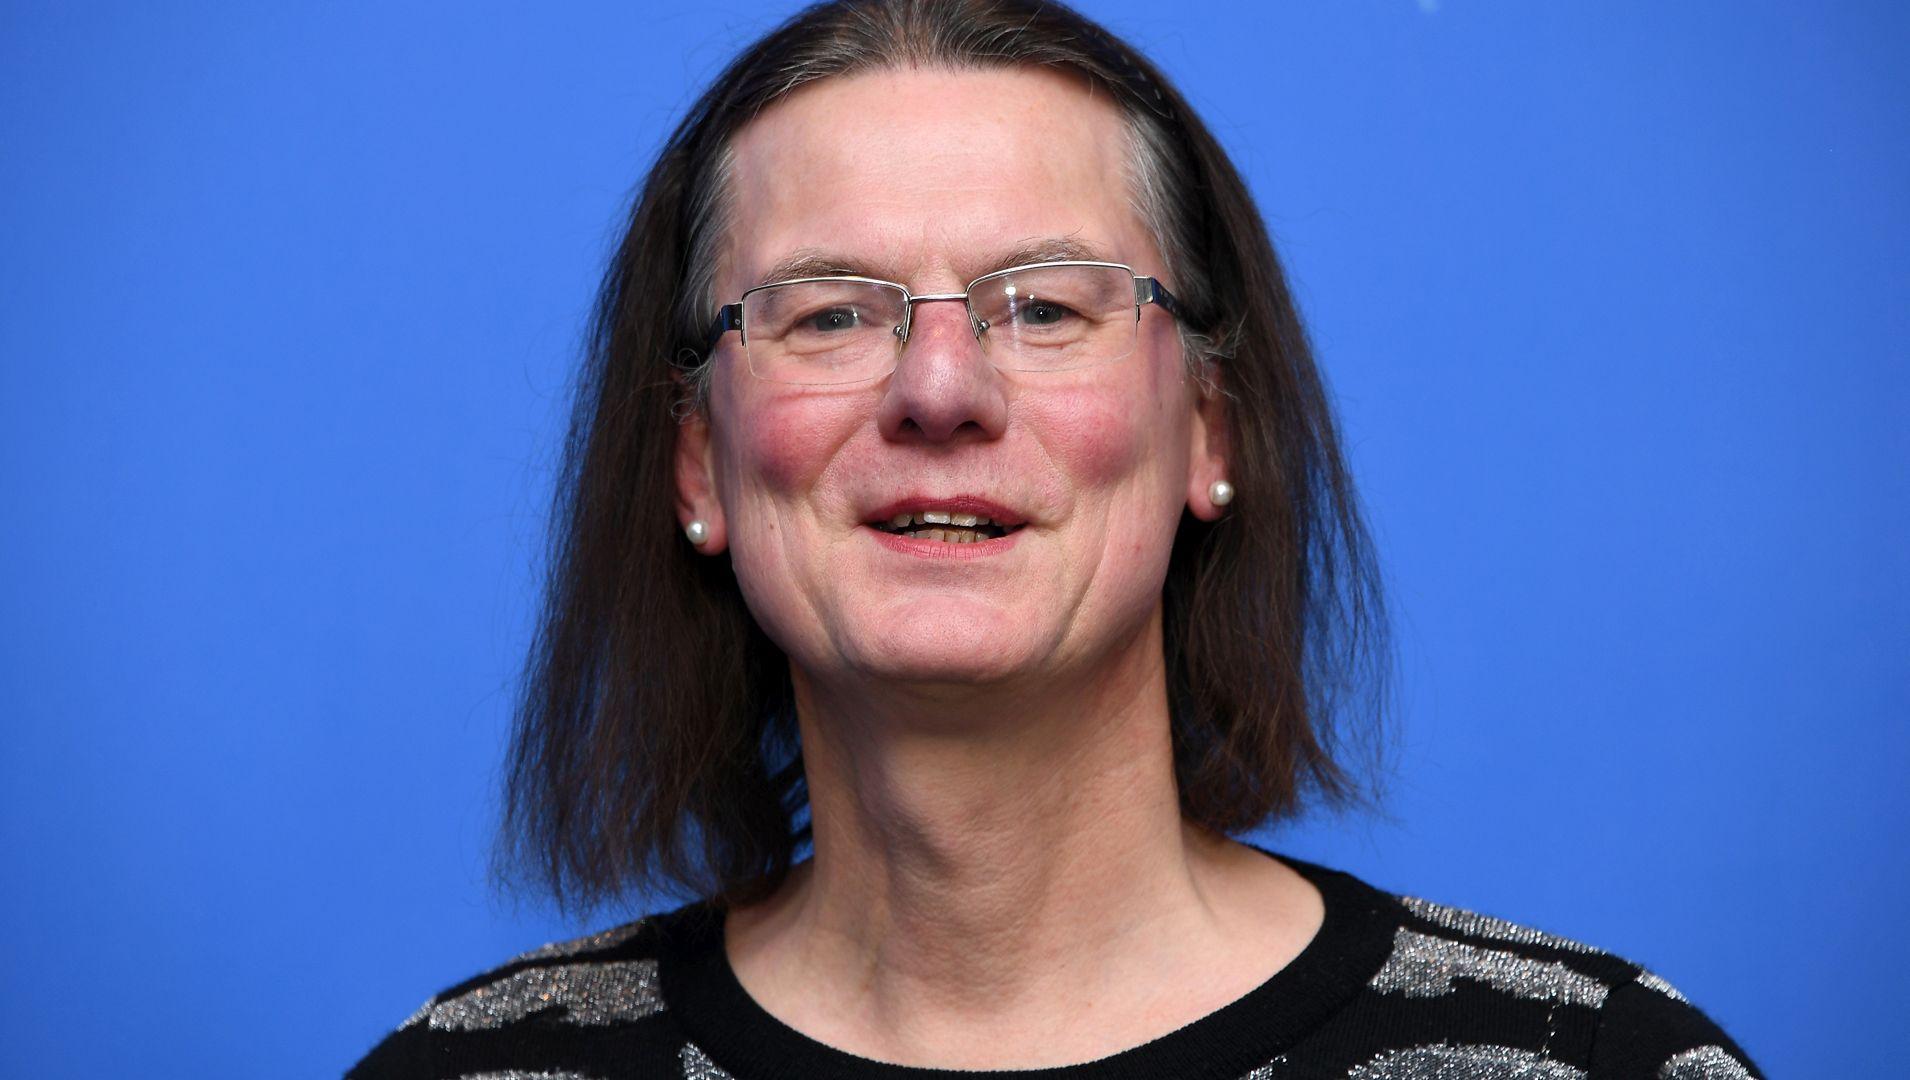 Transseksualna prostytutka Hanna Hofmann podczas festiwalu Berlinale